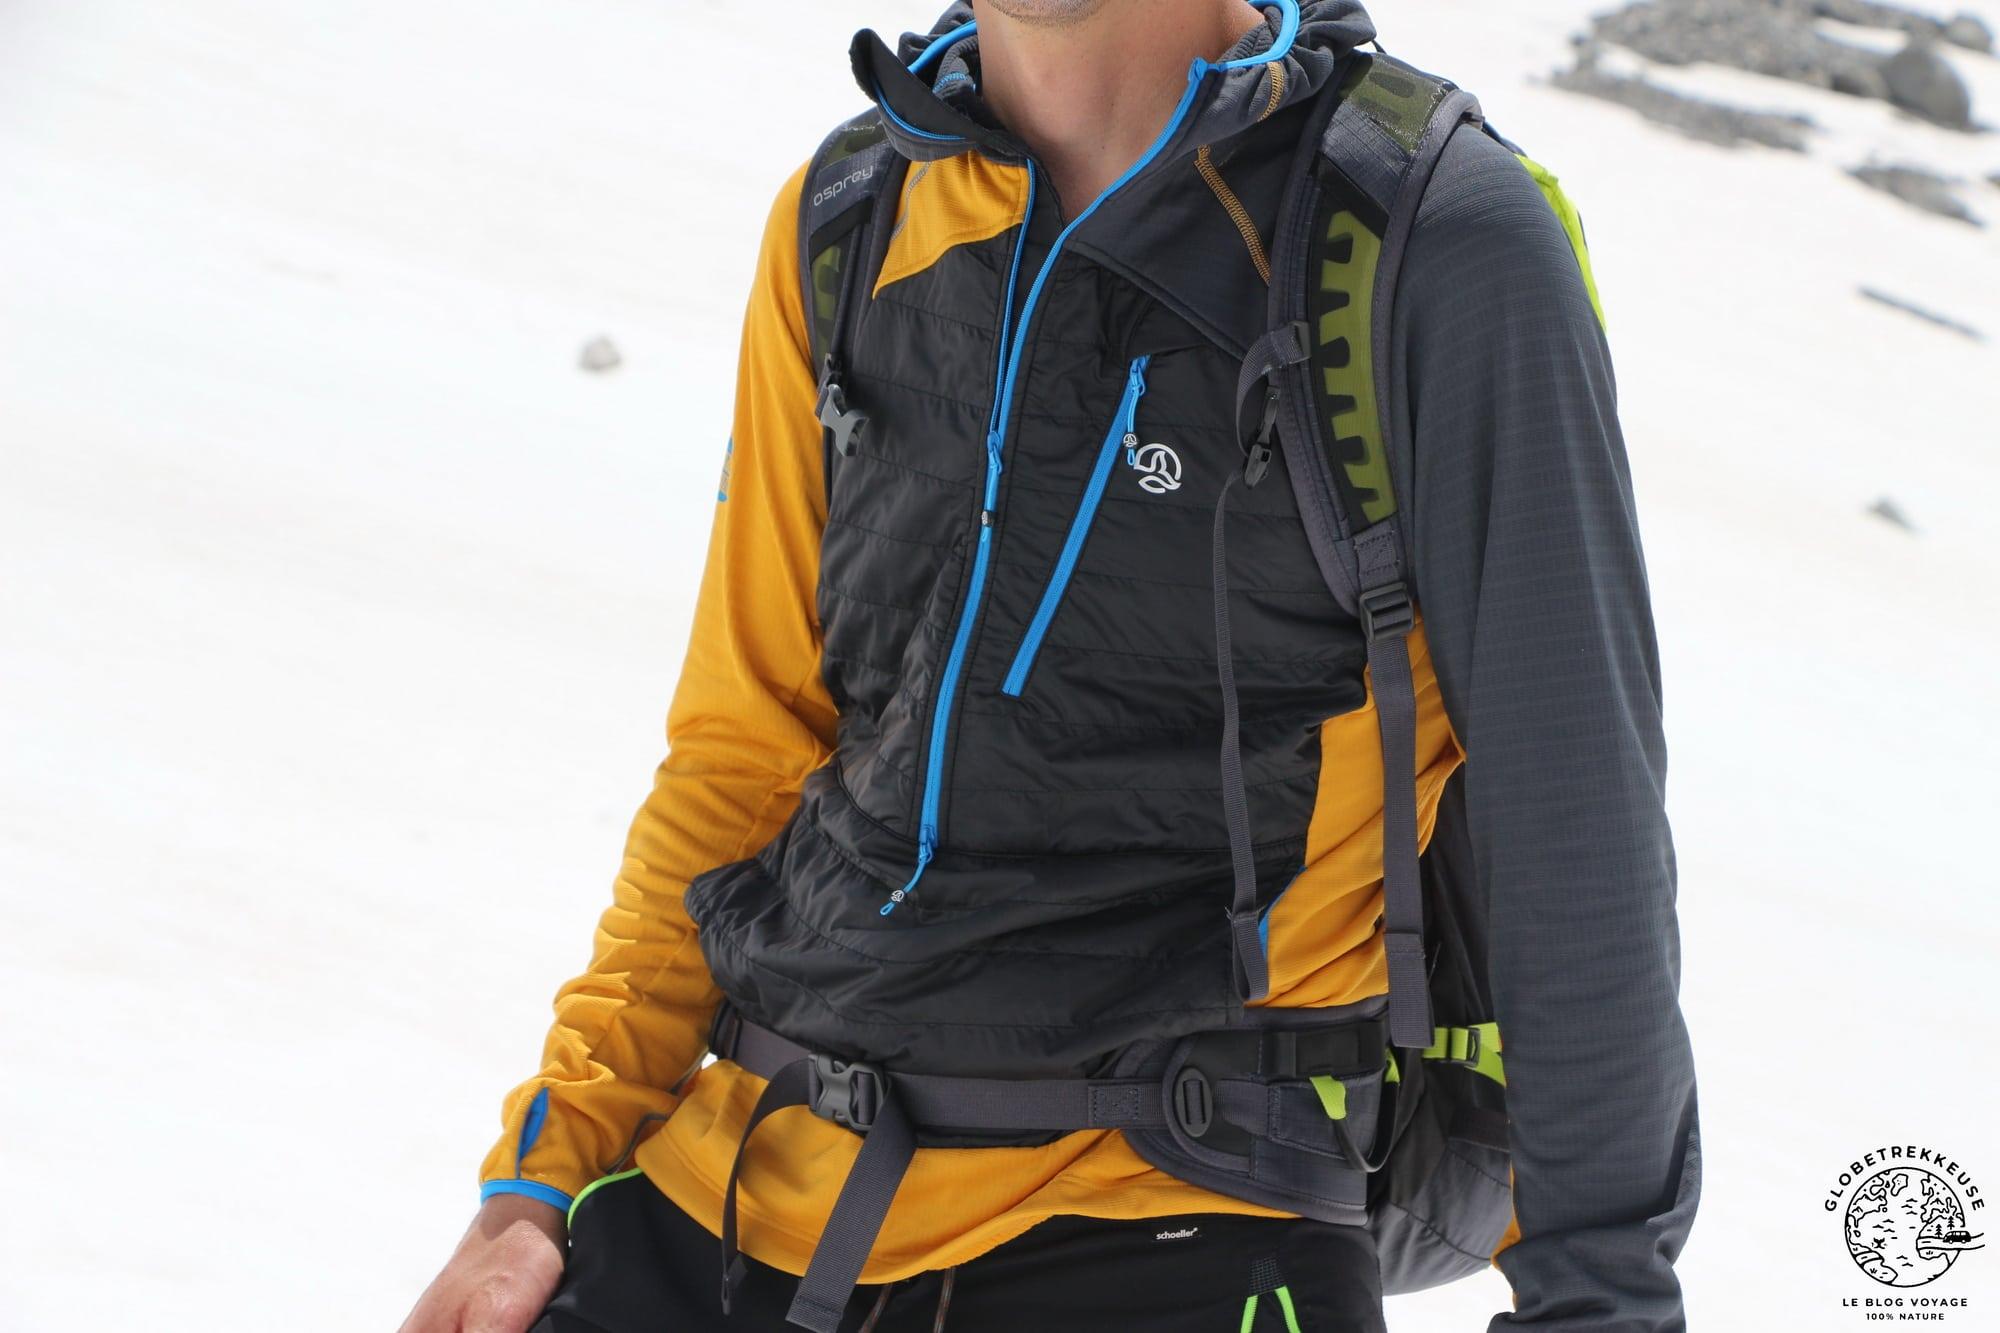 veste ternua aldamin alpinisme